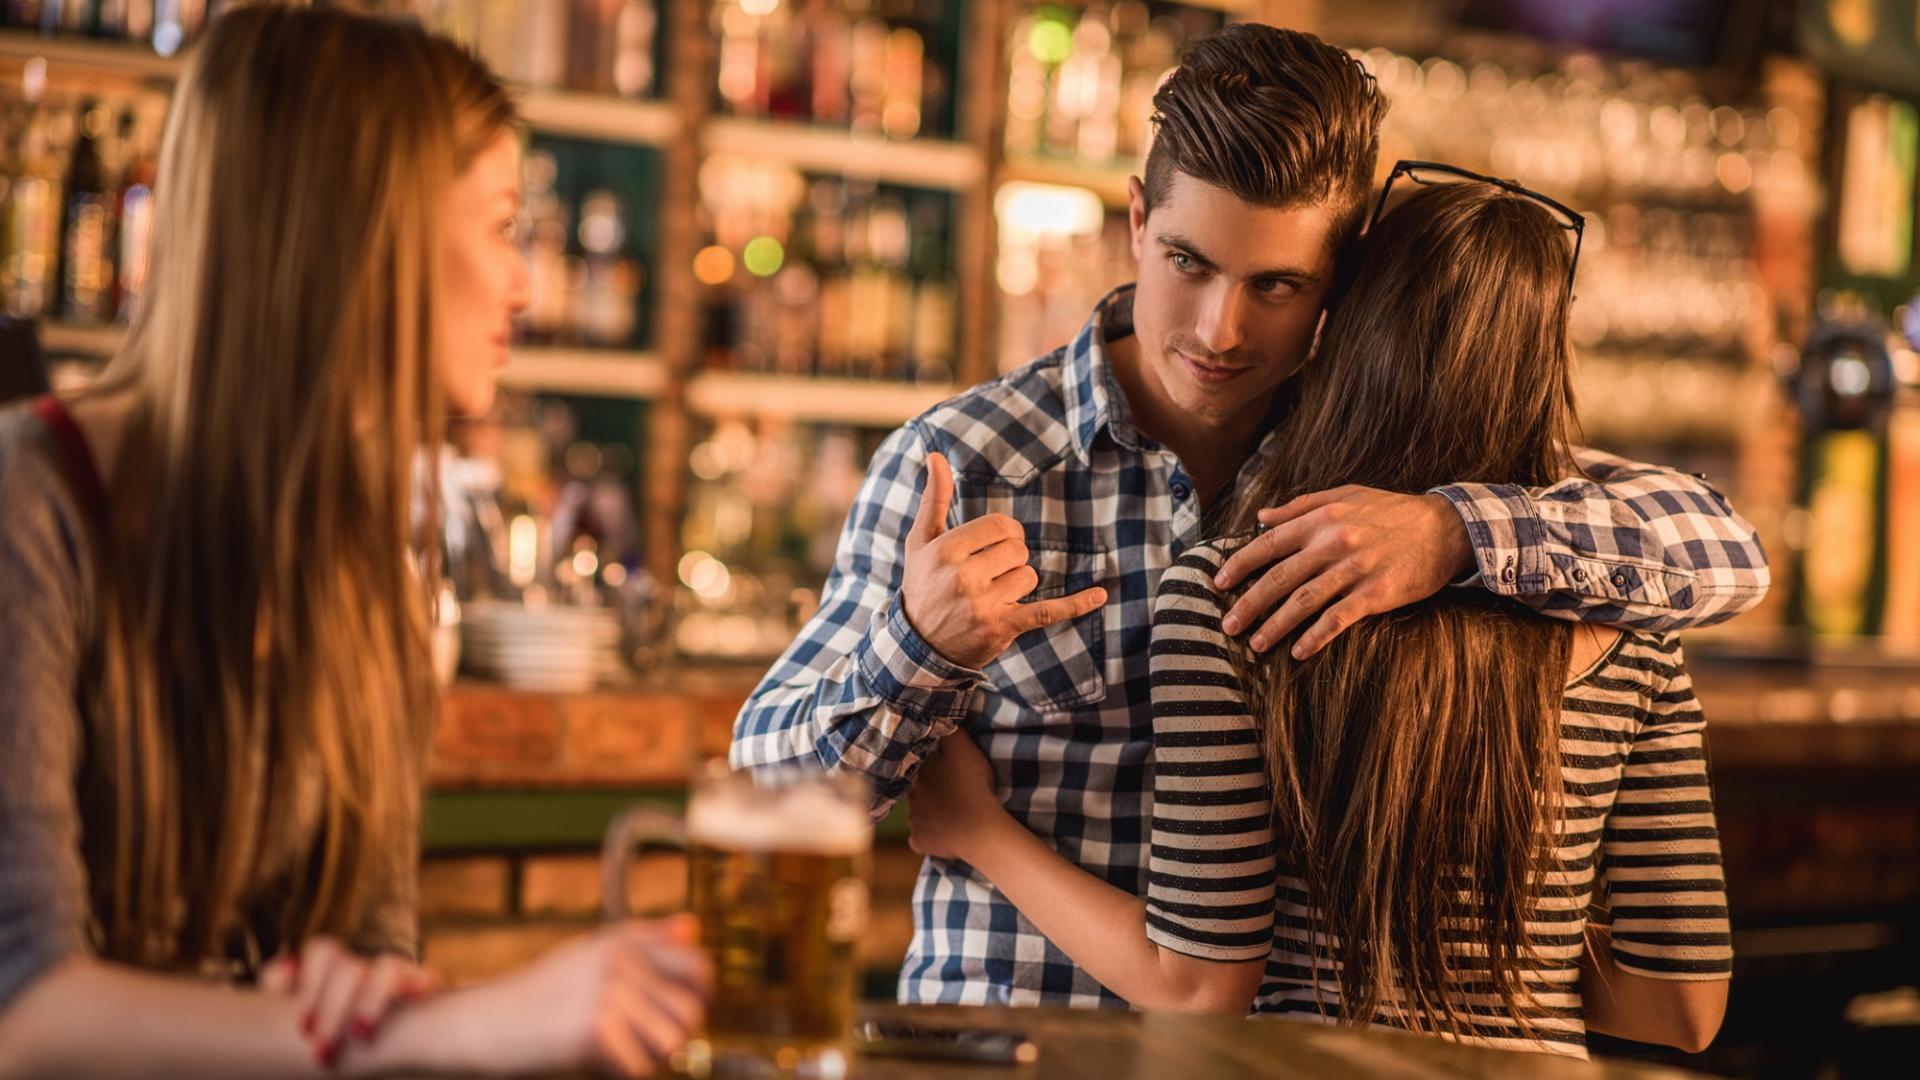 Mann Flirten Affäre